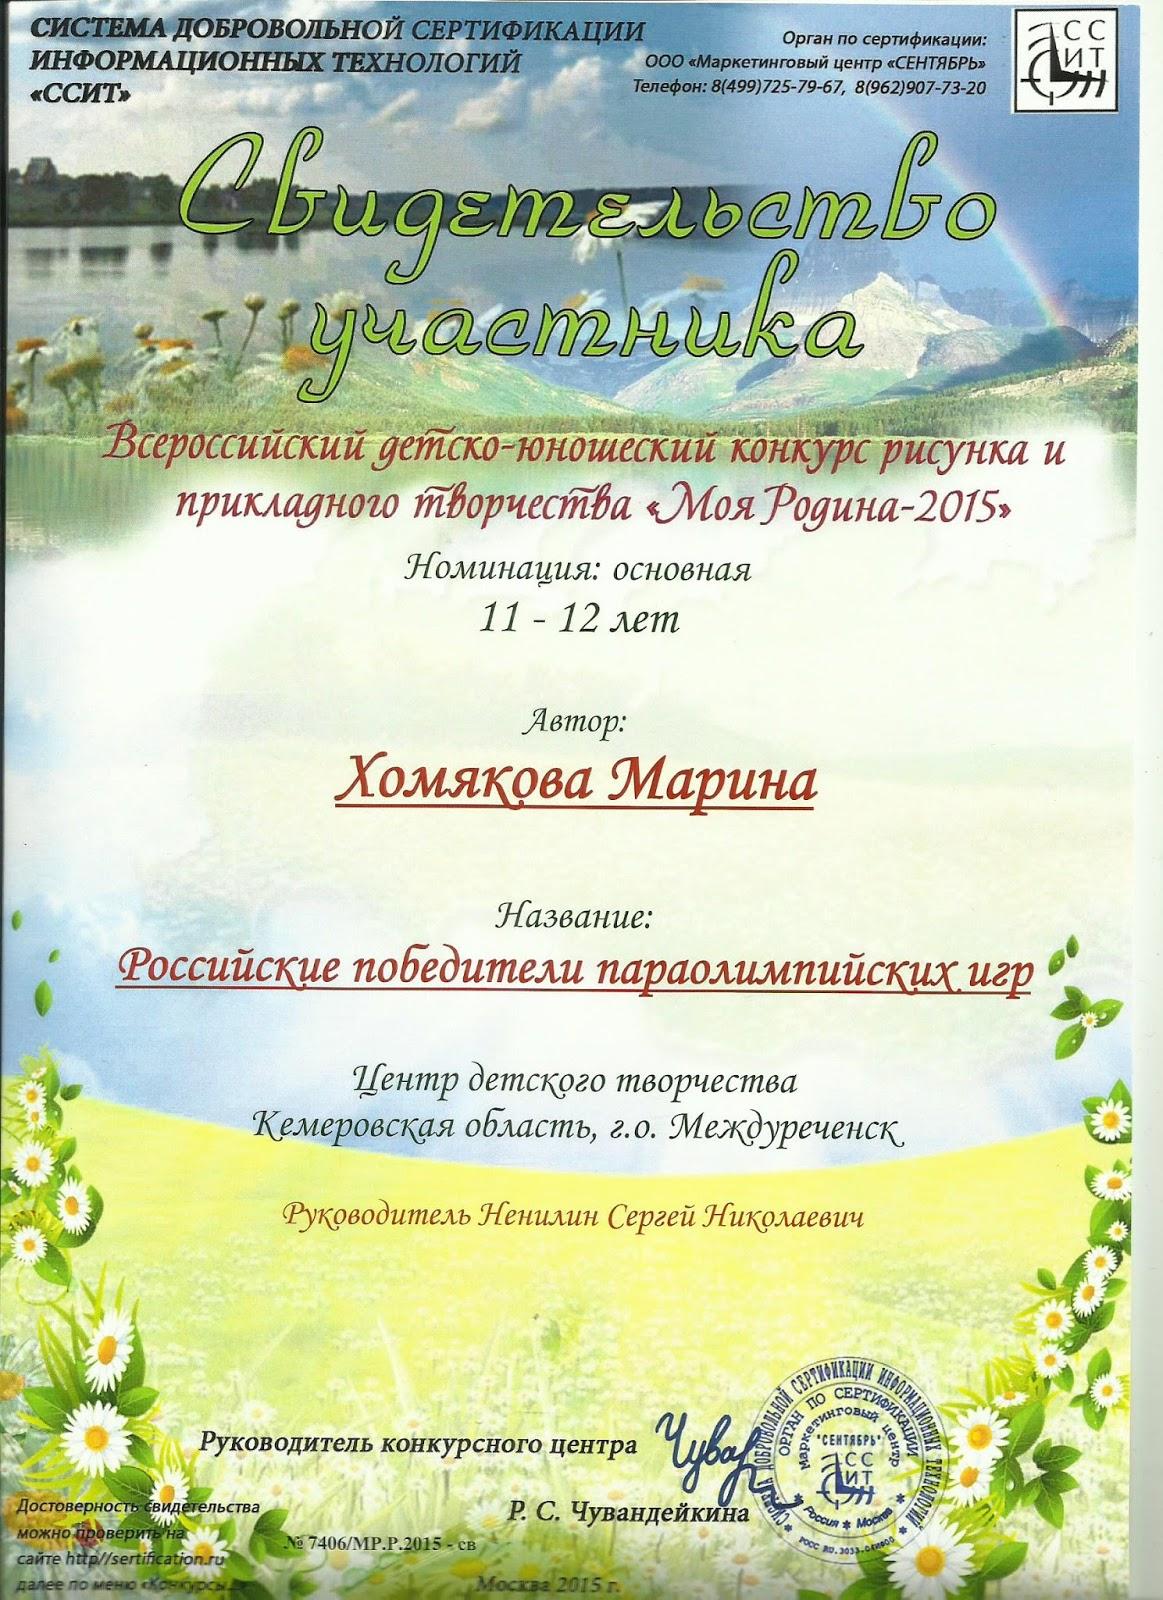 Всероссийские конкурсы для дошкольников 2018 год бесплатные